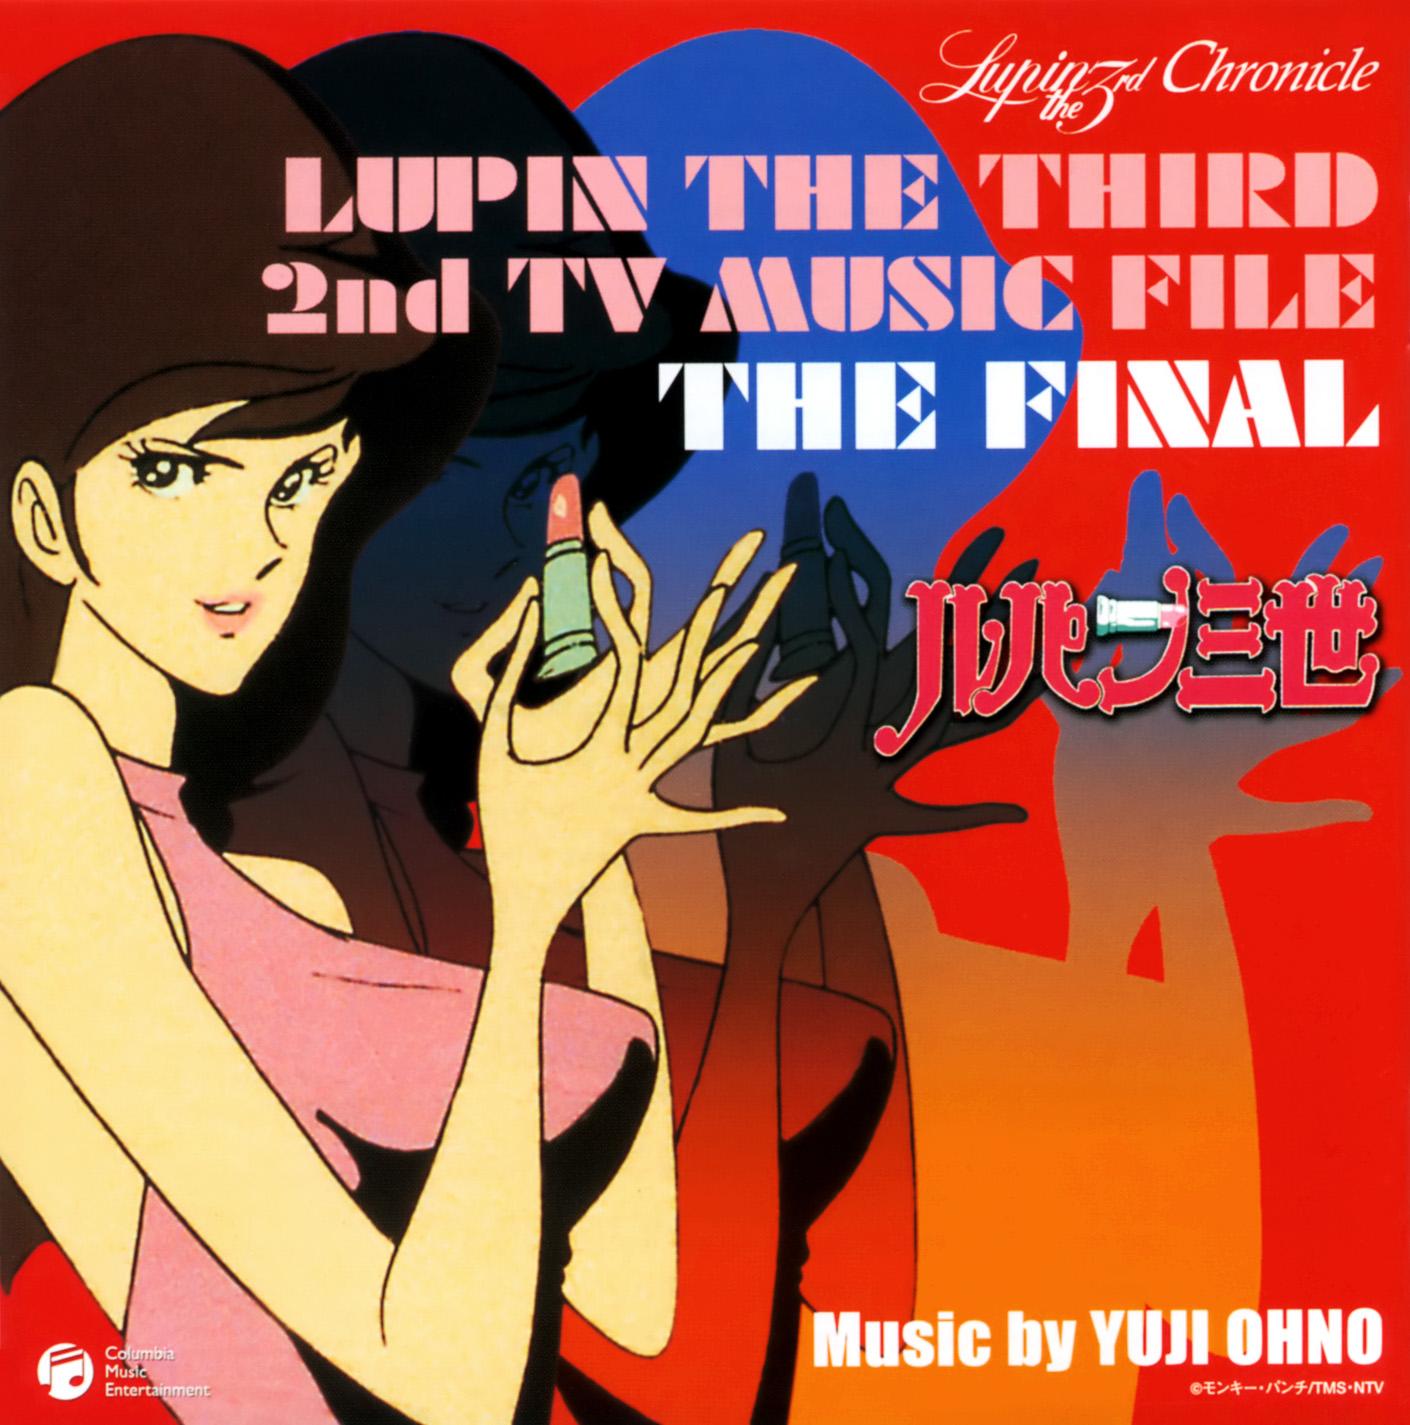 lupin the third music